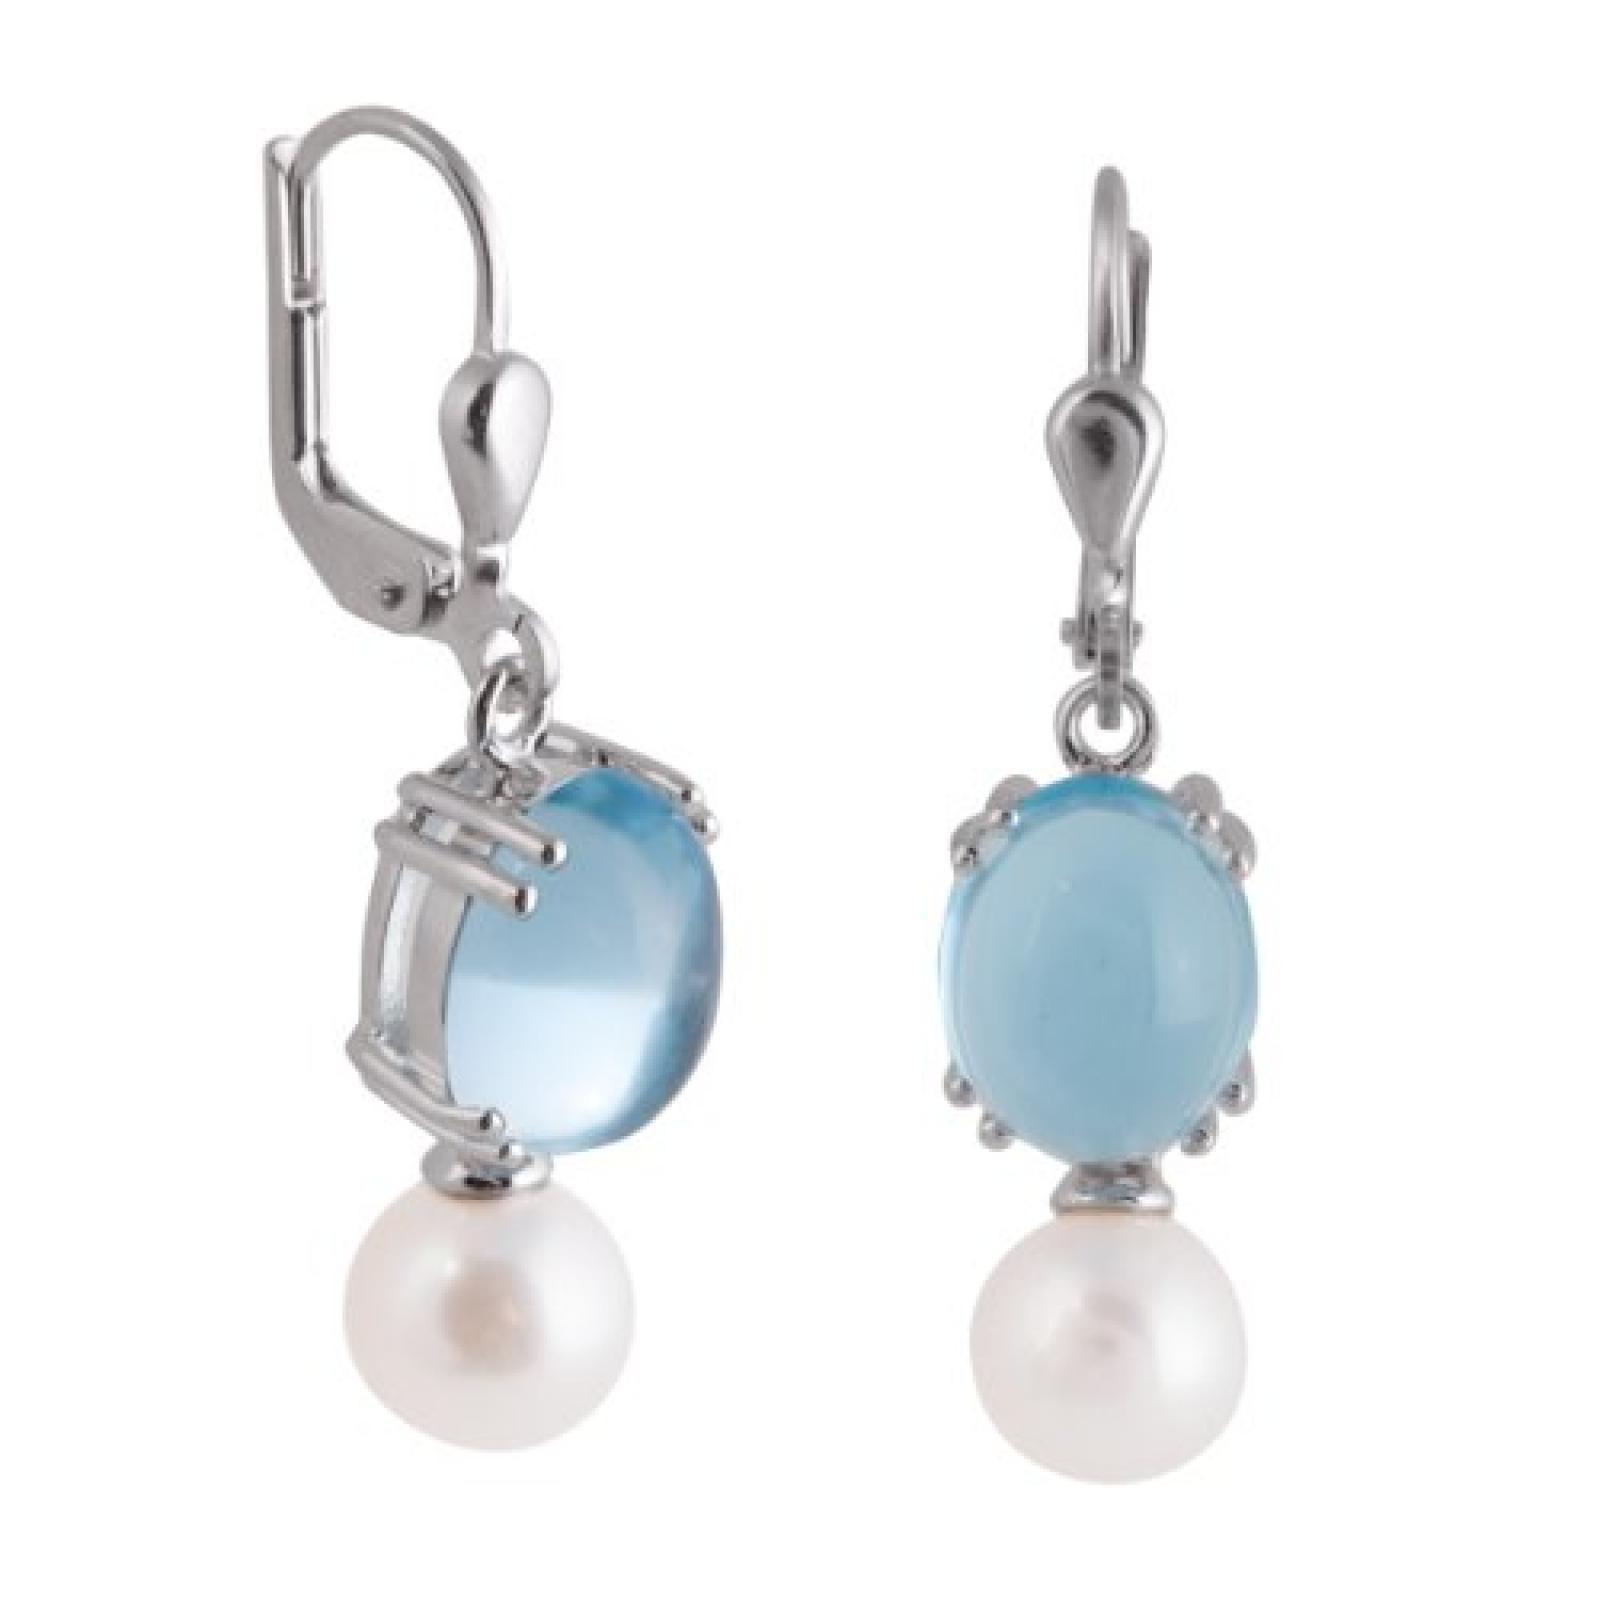 Bella Donna Damen-Ohrhänger 333 Weißgold 2 Topase behandelt blau 10x8 mm 2 Süßwasser- Zuchtperlen 796706